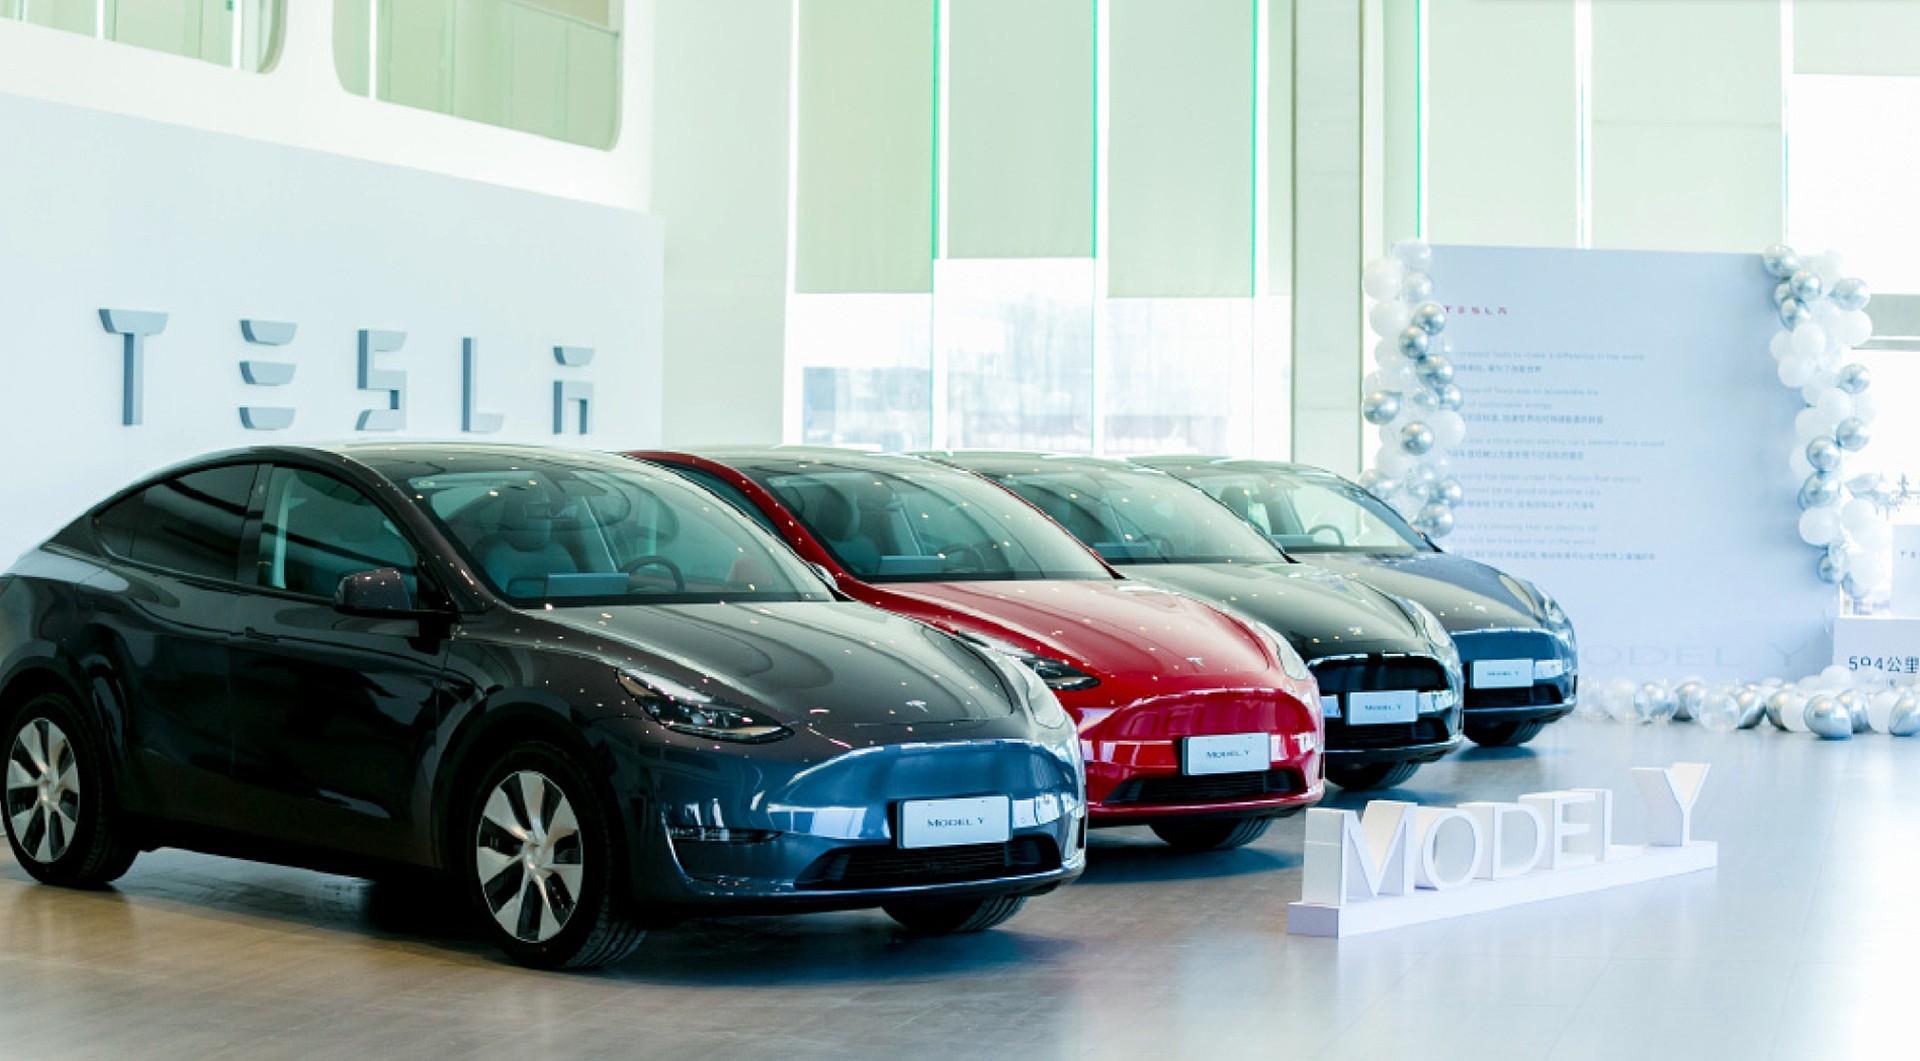 Поставки Tesla China Model Y увеличивают стоимость акций и прогнозы аналитиков